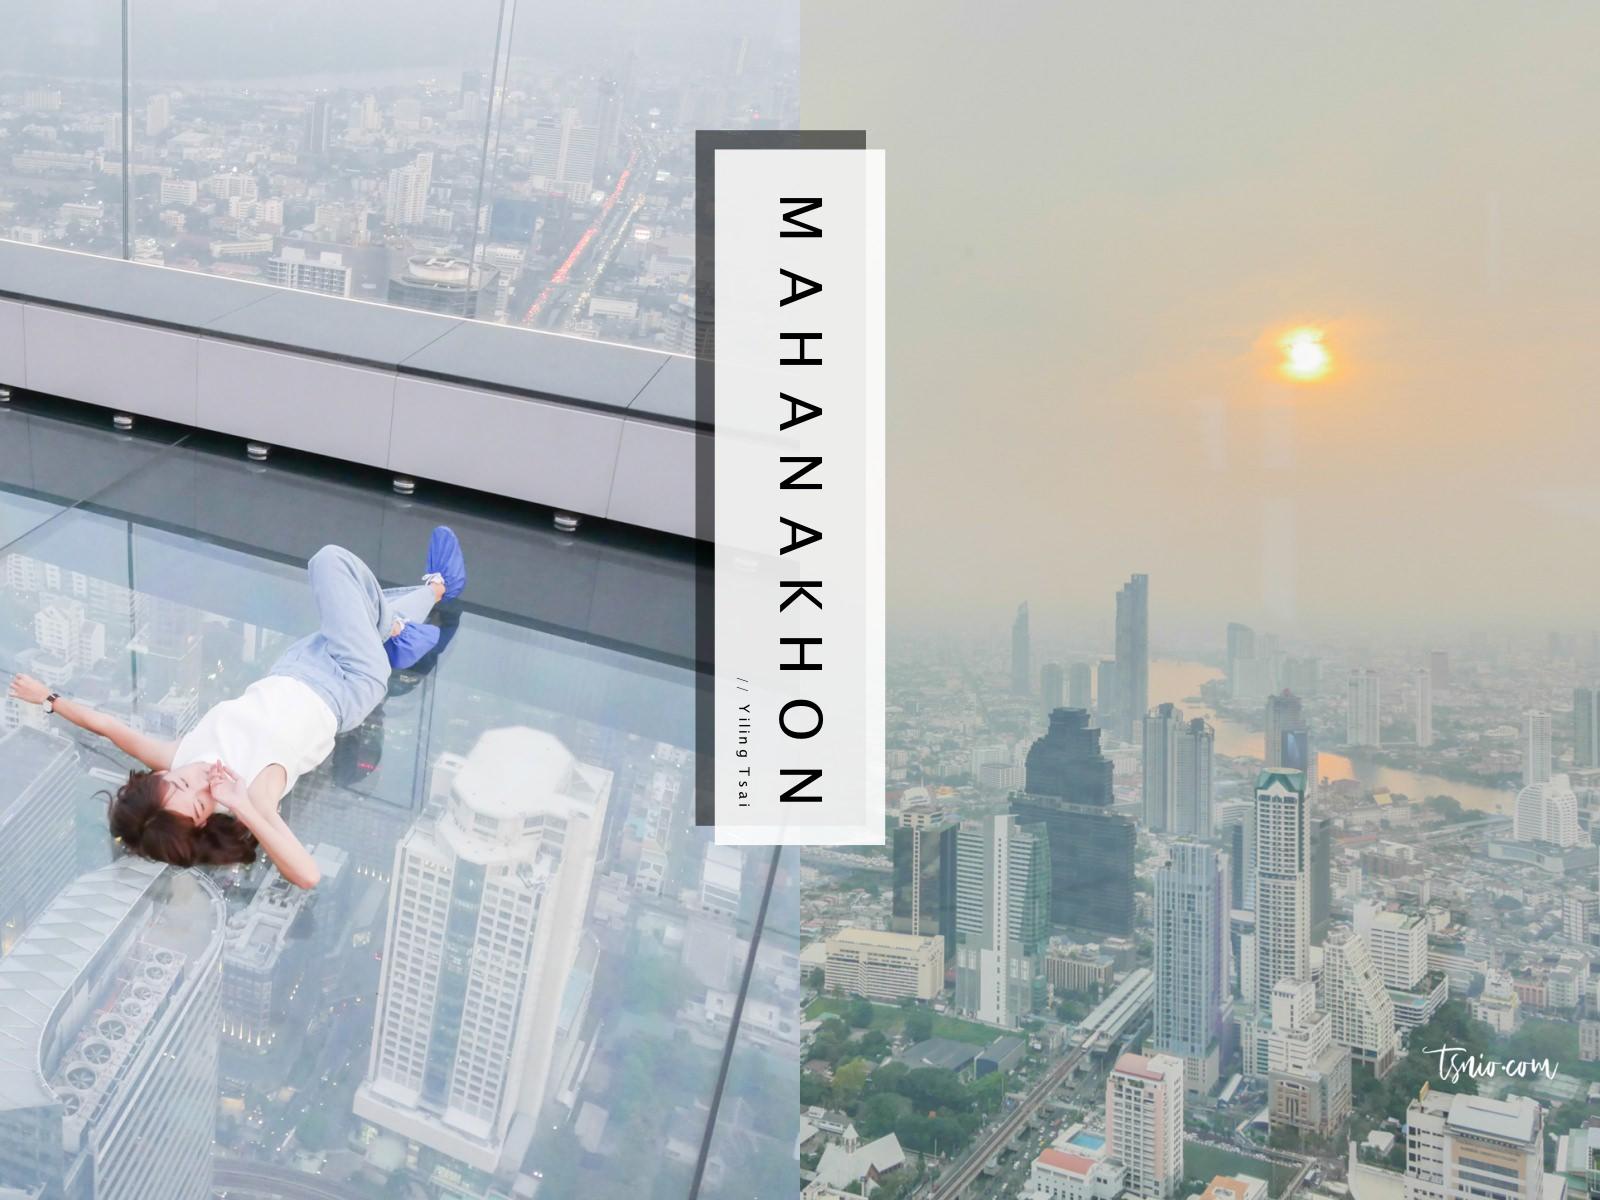 曼谷華欣懶人包服務 曼谷幫機加酒自由行福袋 不動腦玩泰國